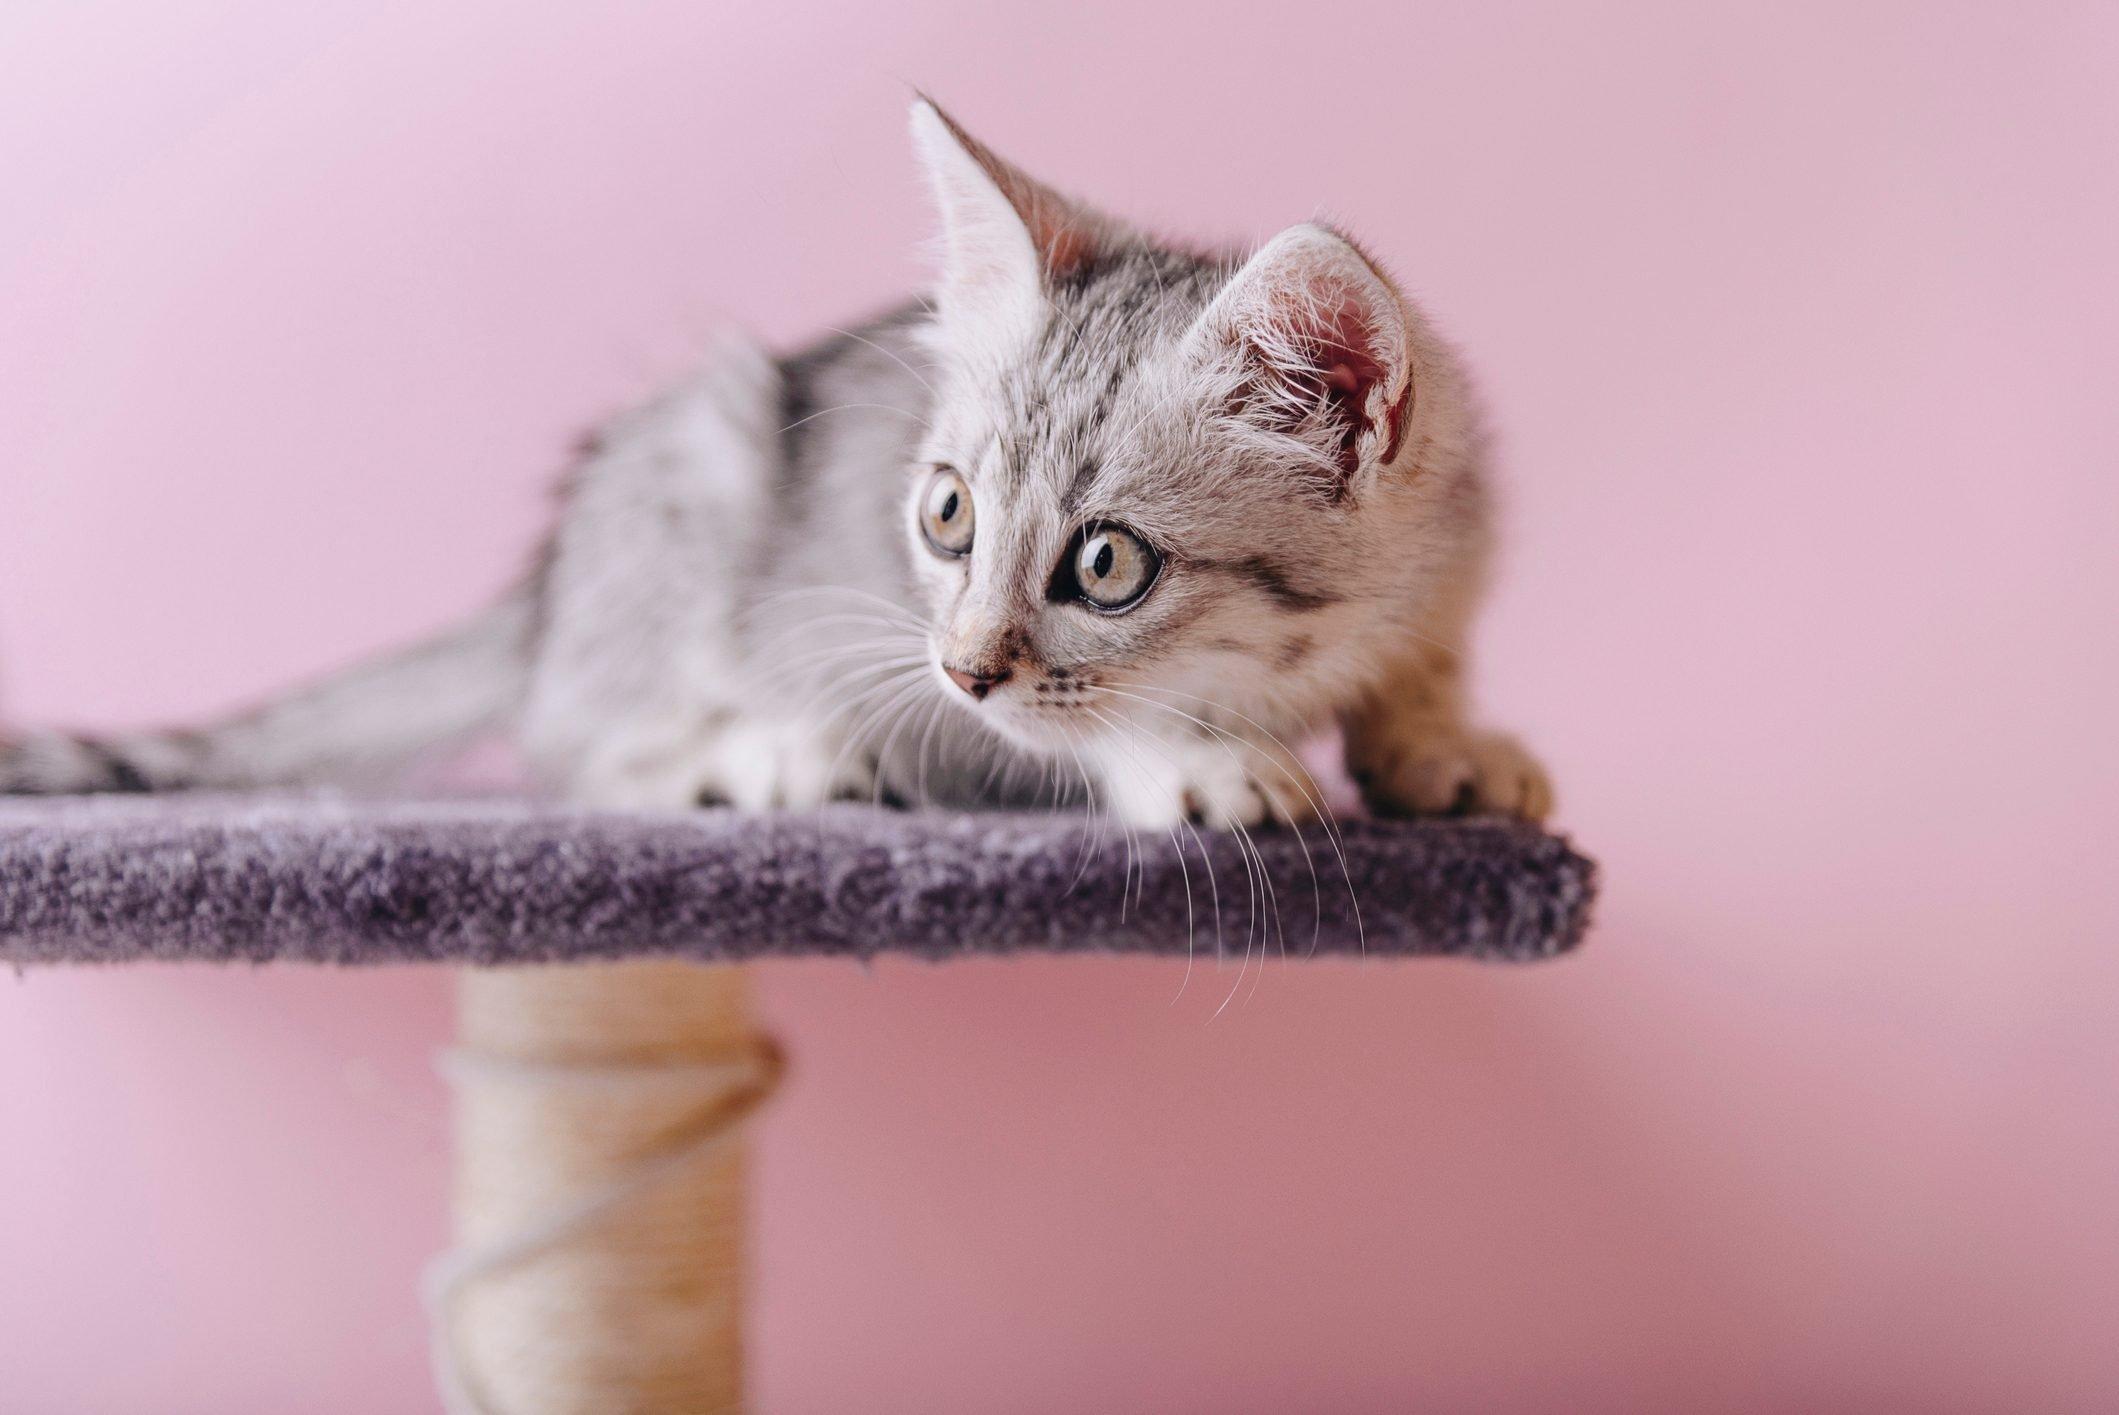 Playful Egyptian Mau kitten